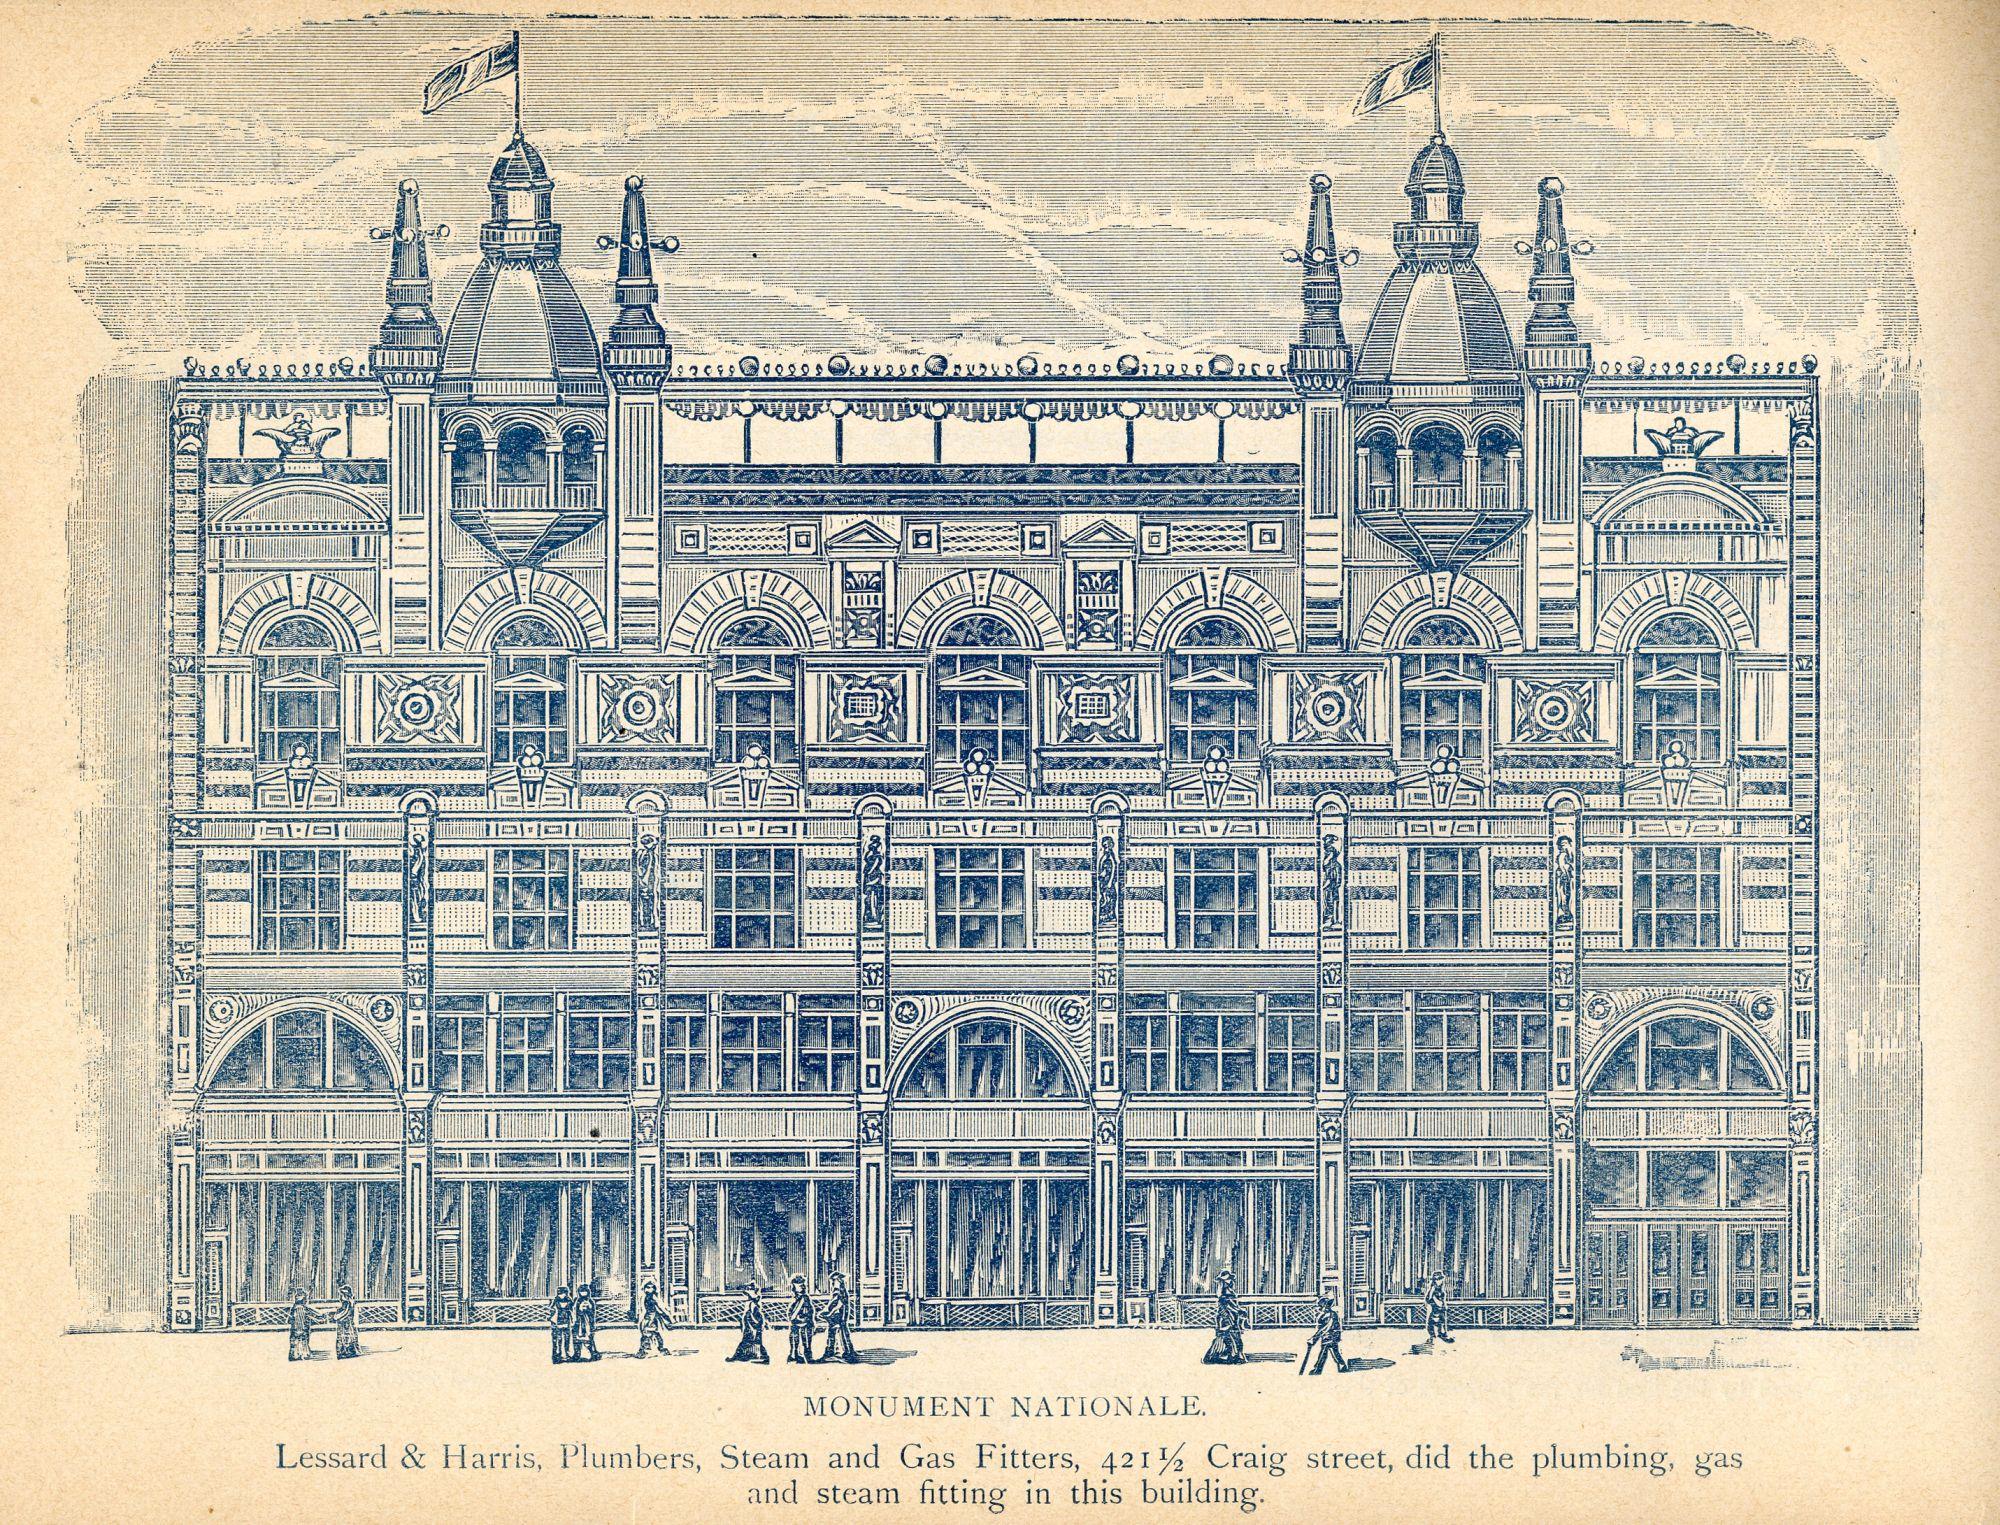 Estampe illustrant la façade du bâtiment du Monument-National tel qu'il apparaissait peu après son érection en 1893